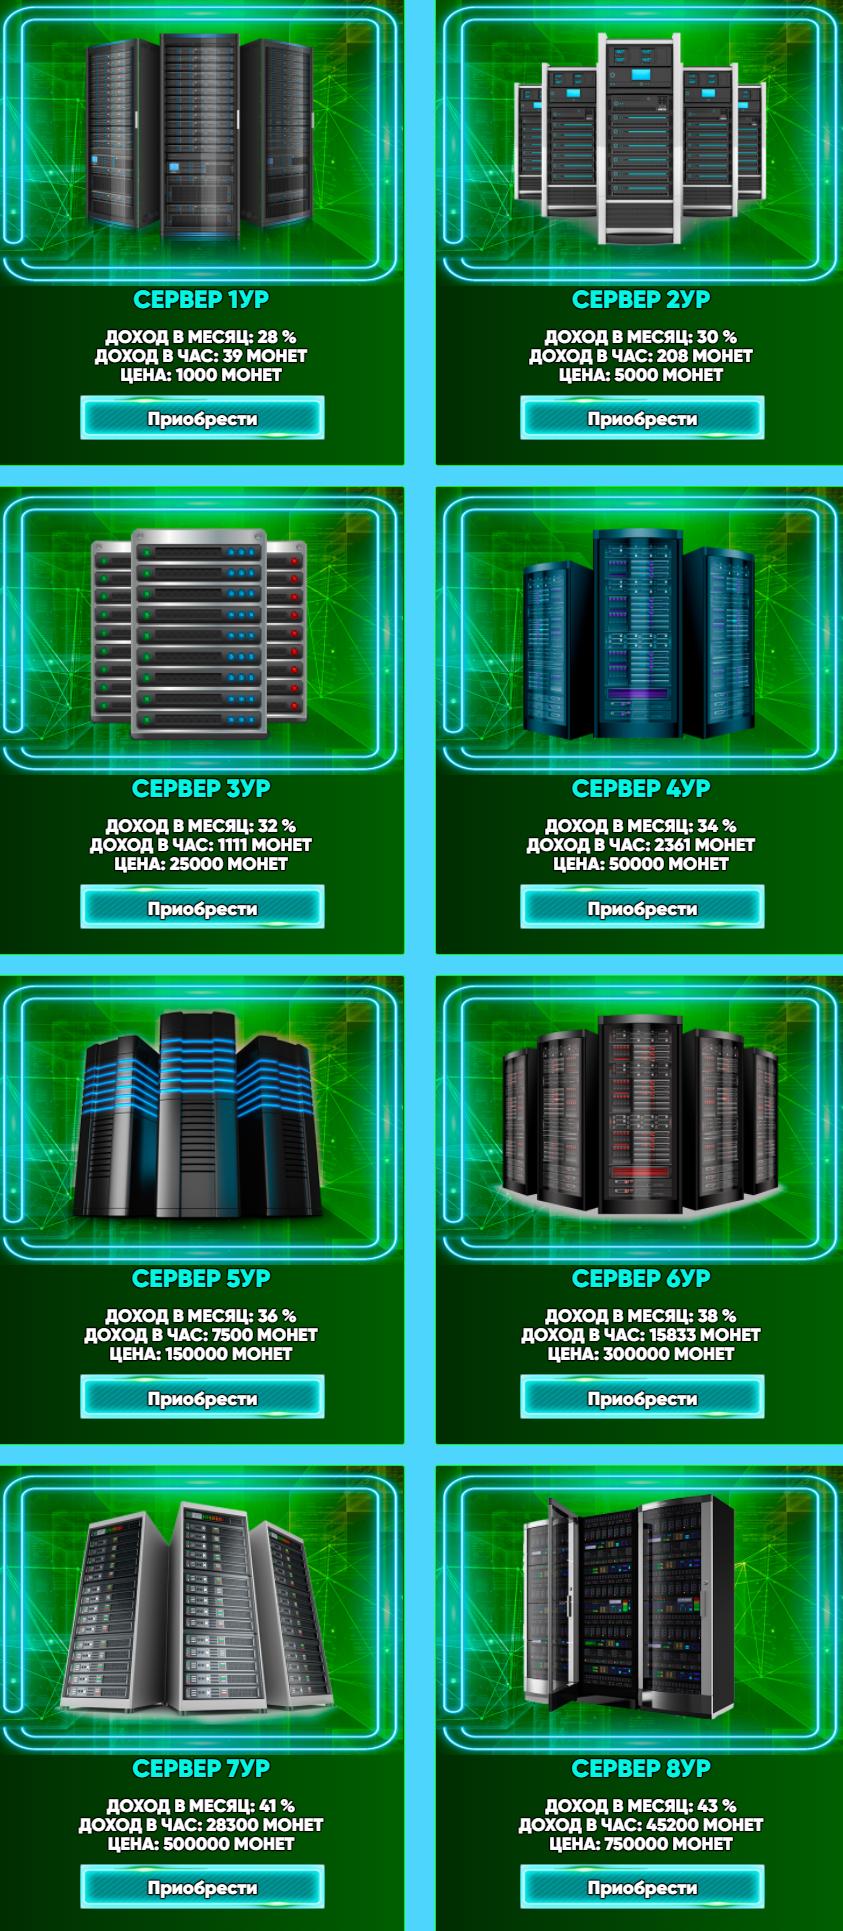 Мой кабинет - server-money.biz - маркетинг игры